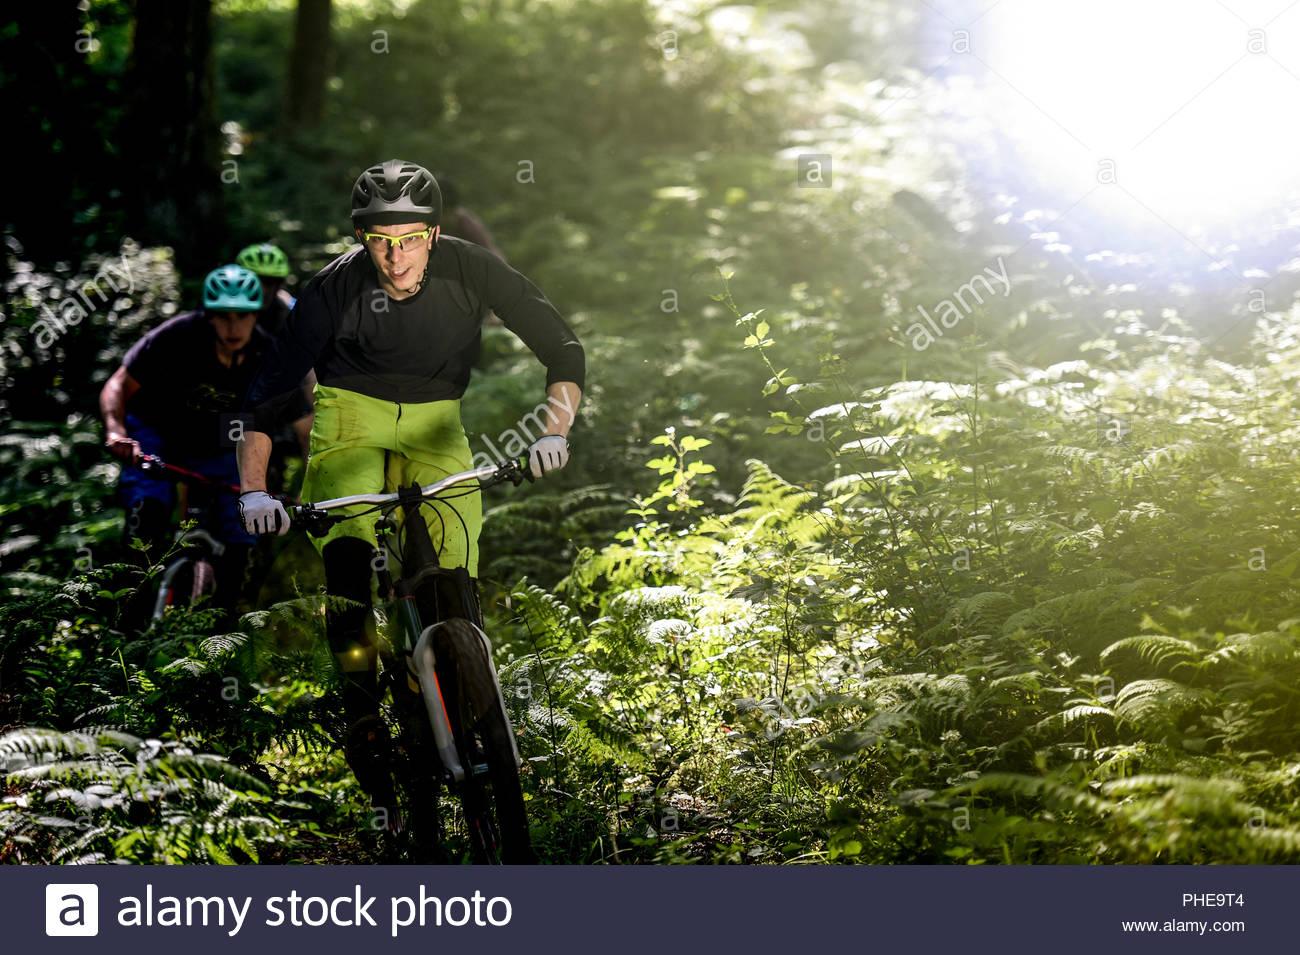 Mann-Mountainbiken im Wald Stockbild